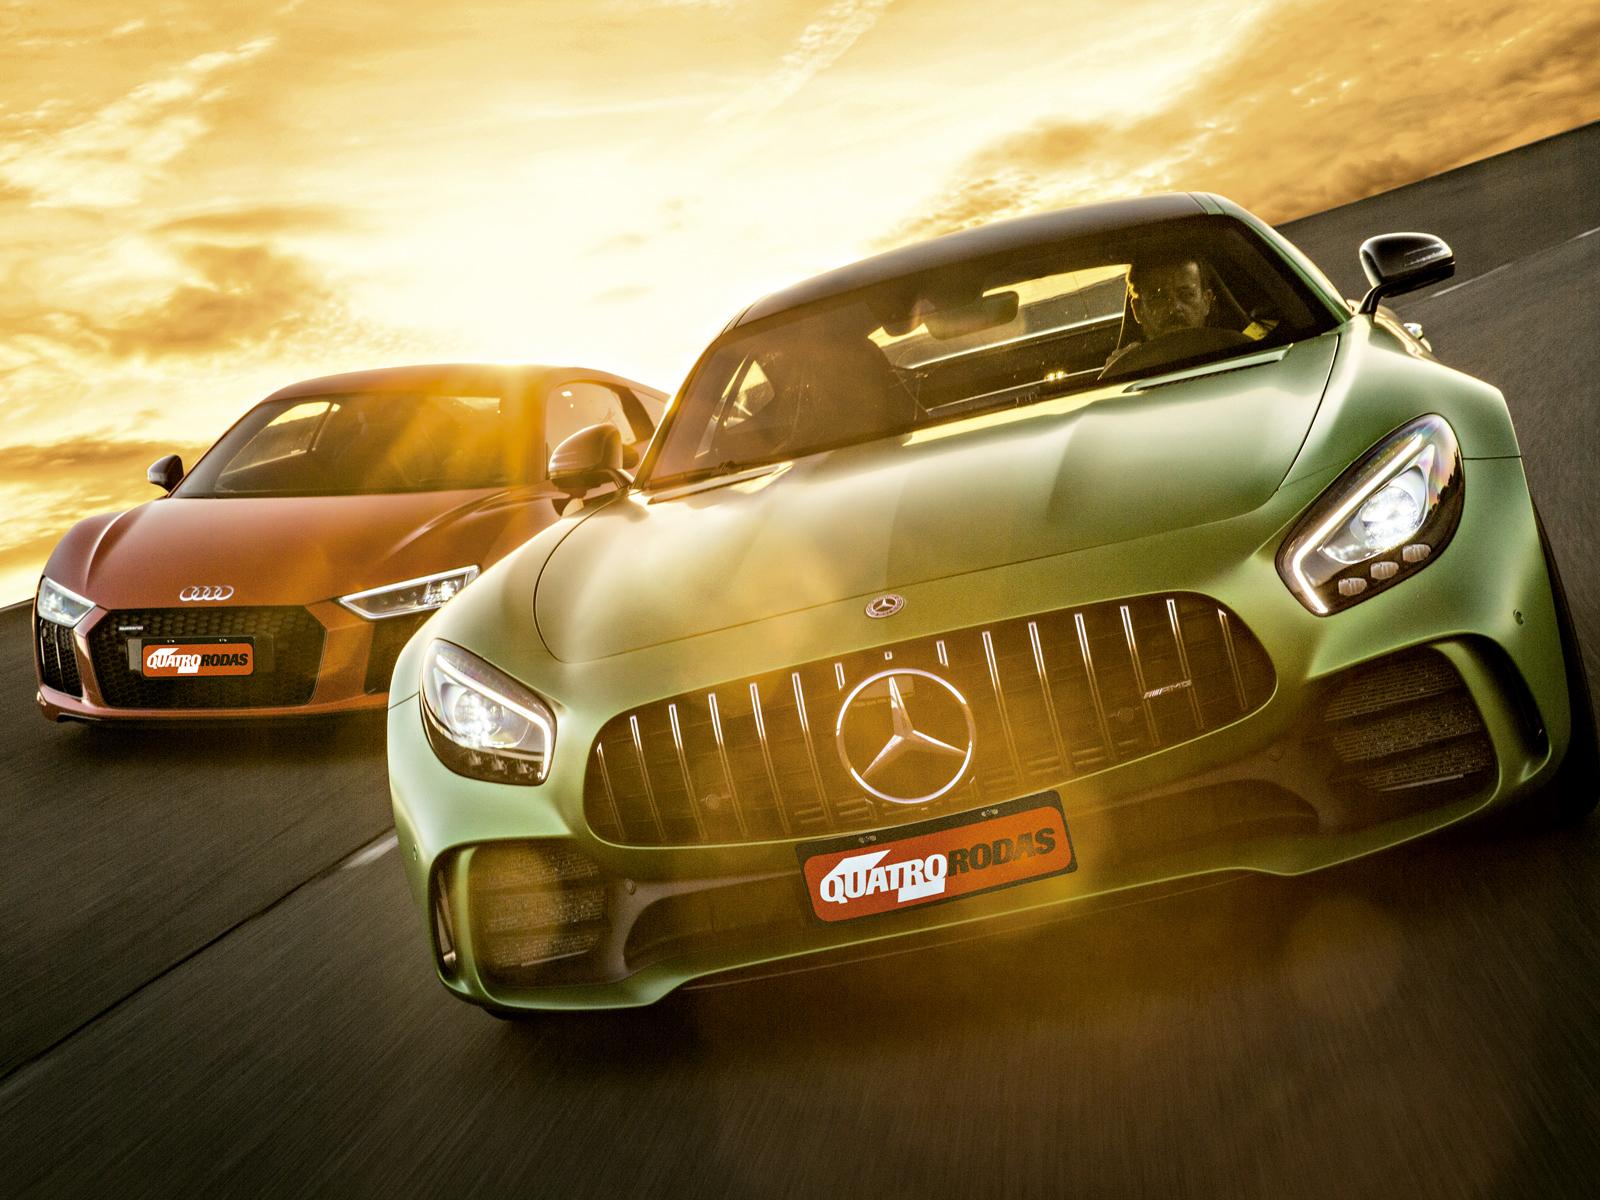 Audi R8 V10 X Amg Gt R O Confronto De R 2 4 Milhoes E 1 200 Cv Quatro Rodas